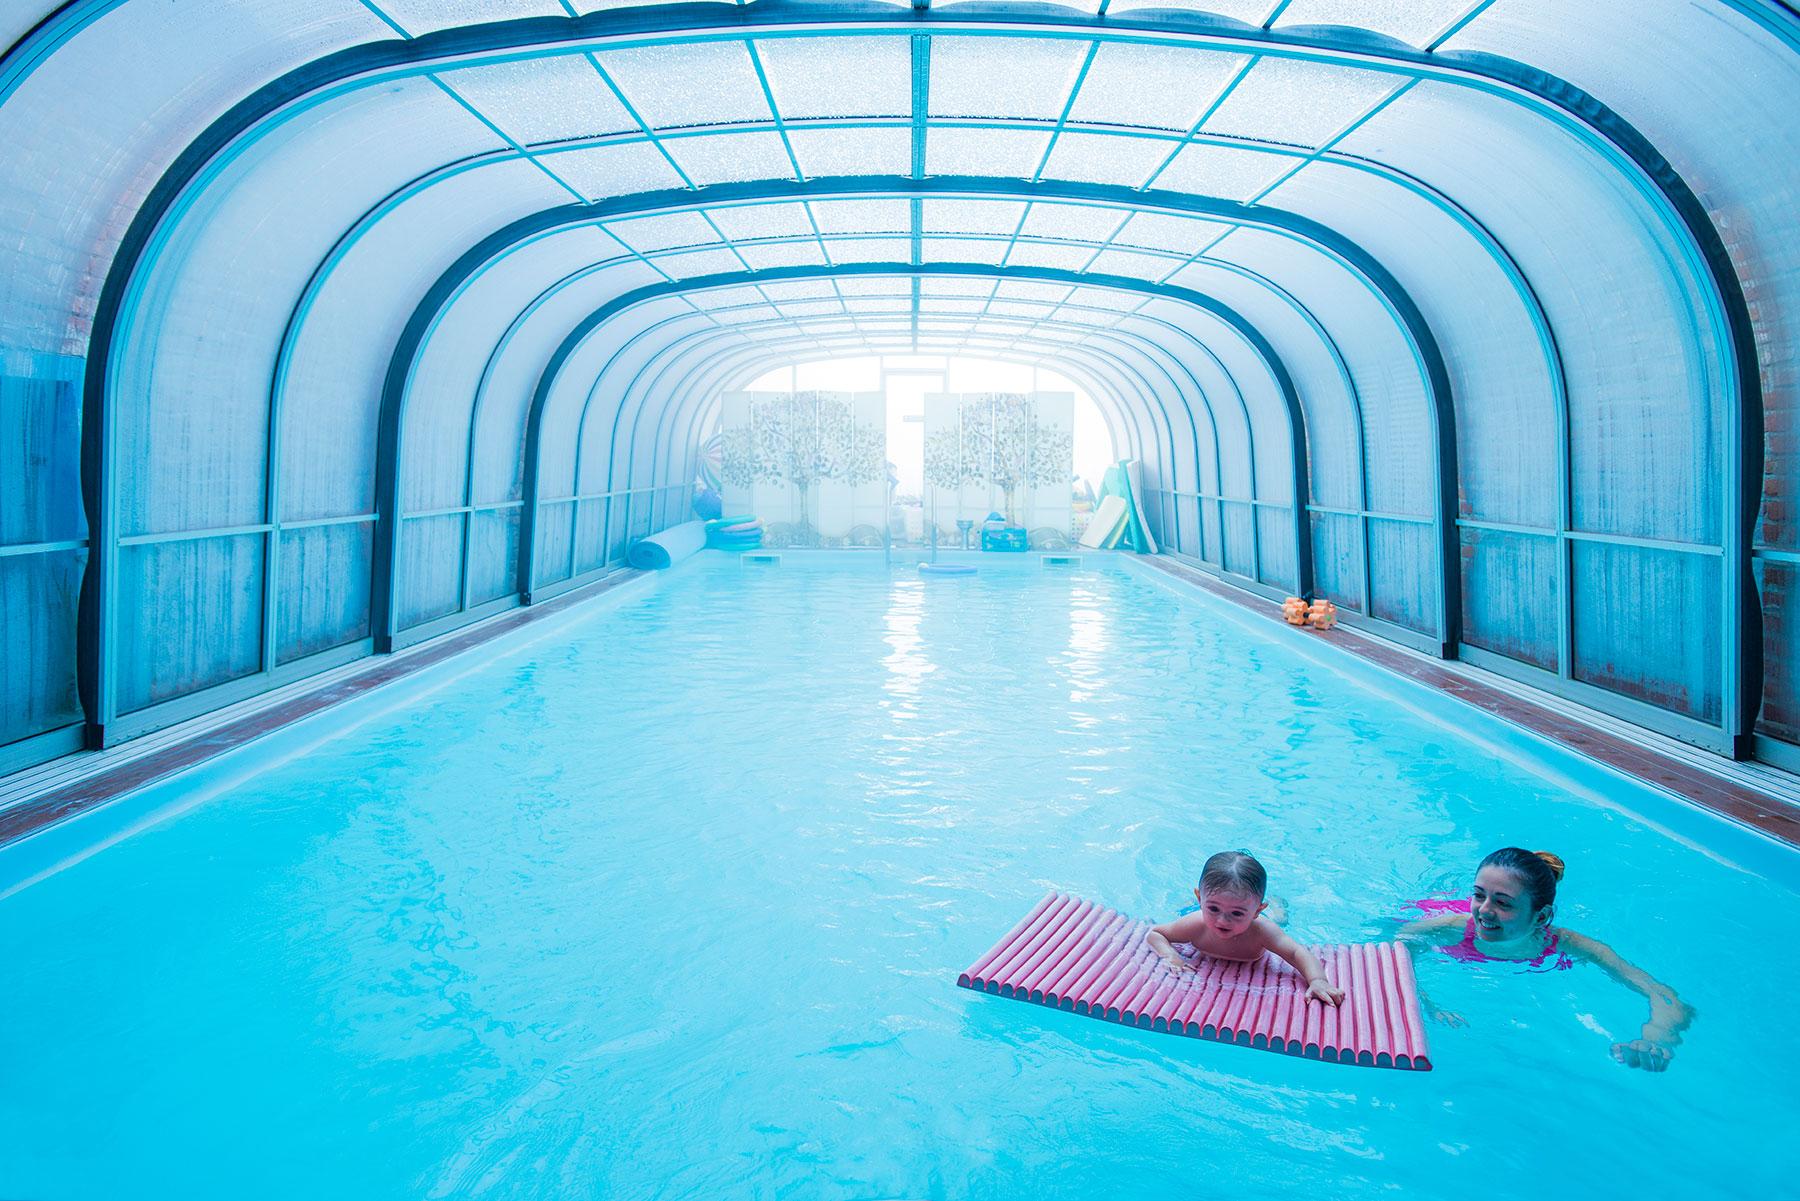 Piscina il mulino del benessere - Acqua orecchie piscina ...